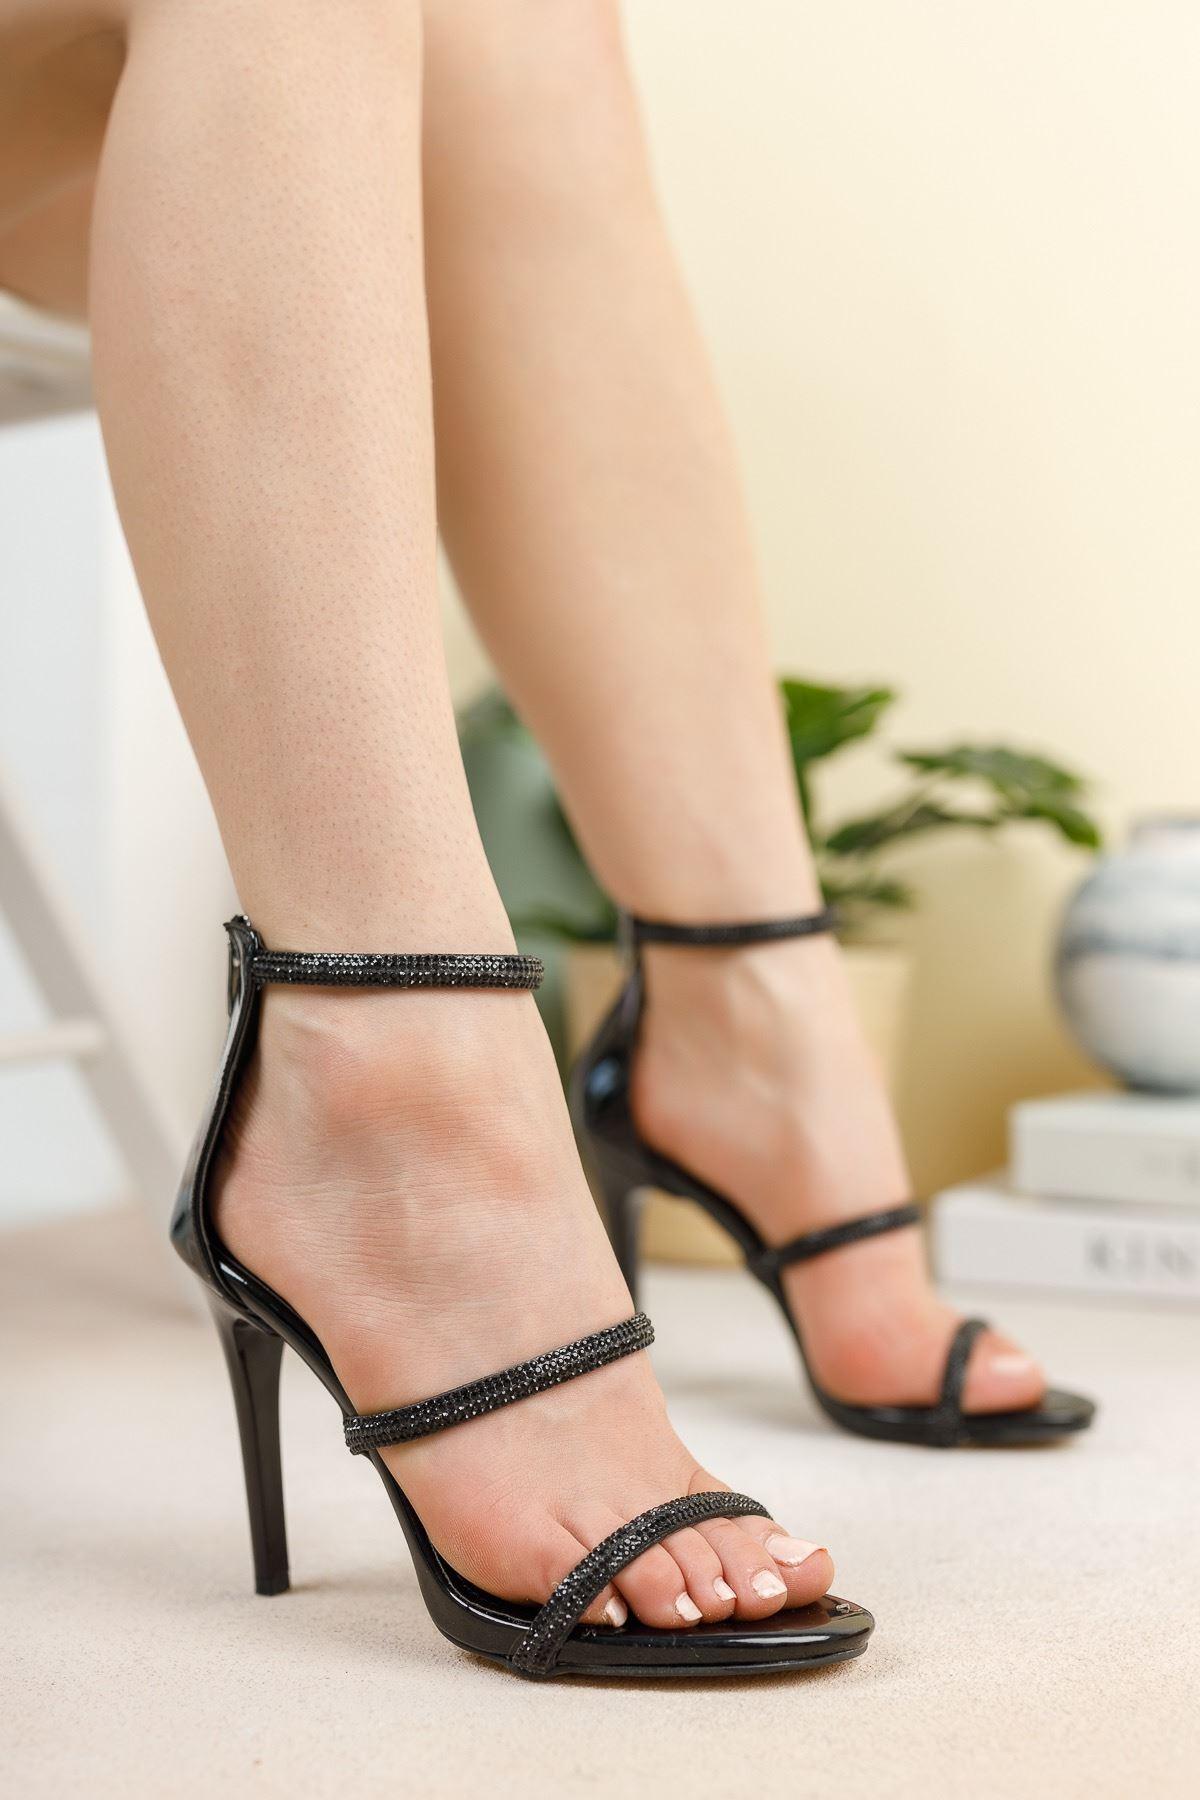 Siyah Ayna Üç Biyeli Taşlı İnce Yüksek Topuklu Abiye Ayakkabı